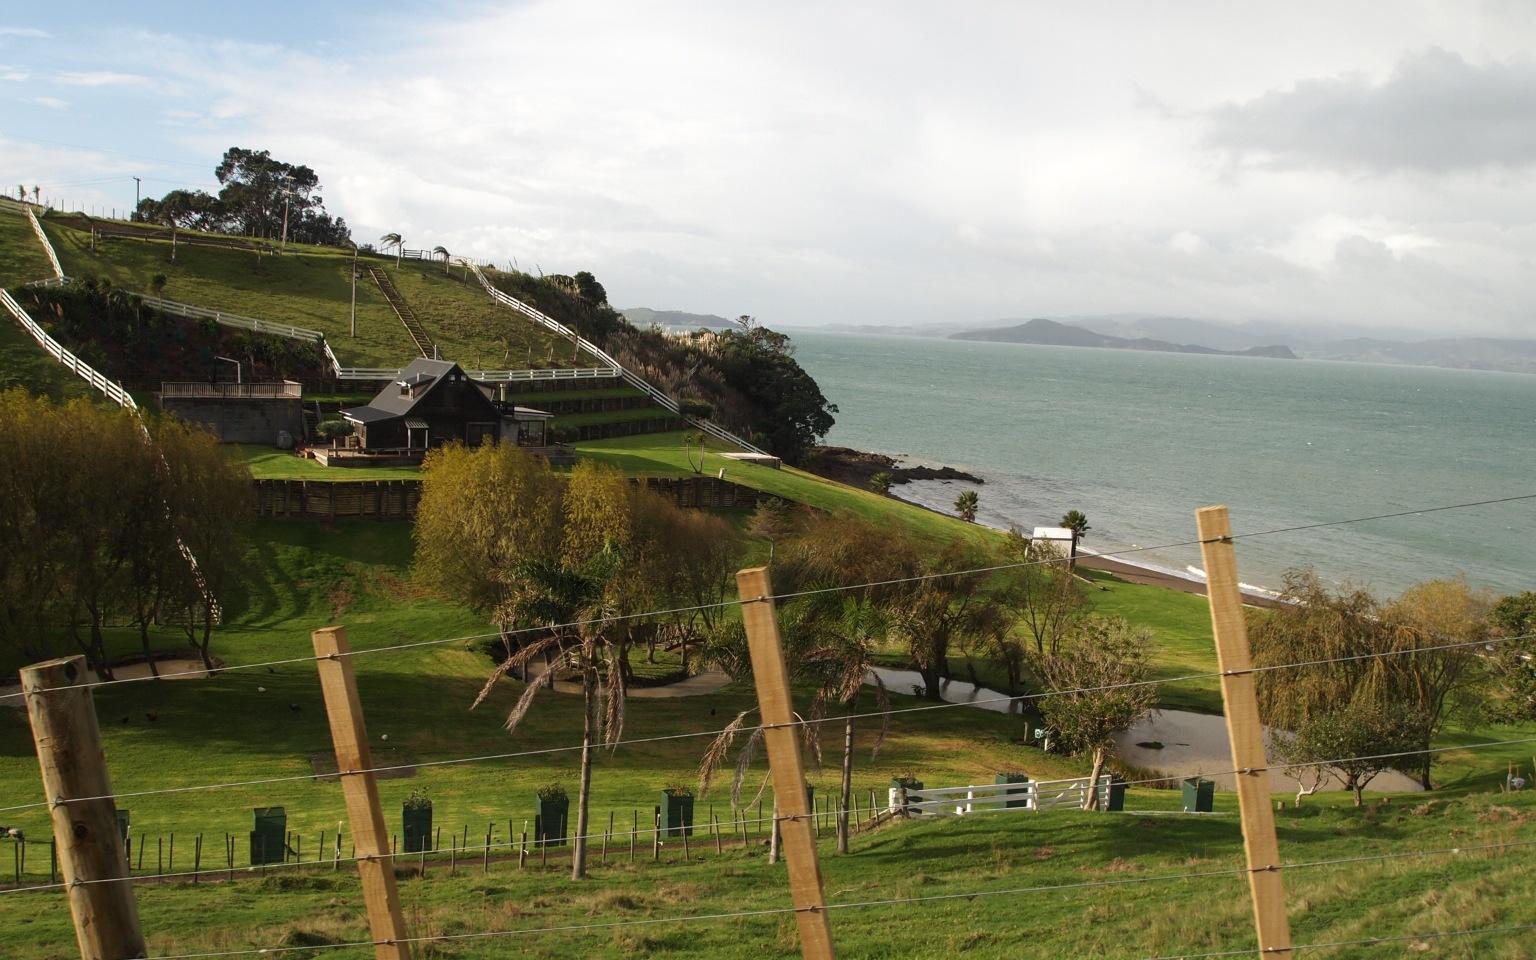 【紐西蘭奧克蘭】懷赫科島渡輪酒莊一日遊